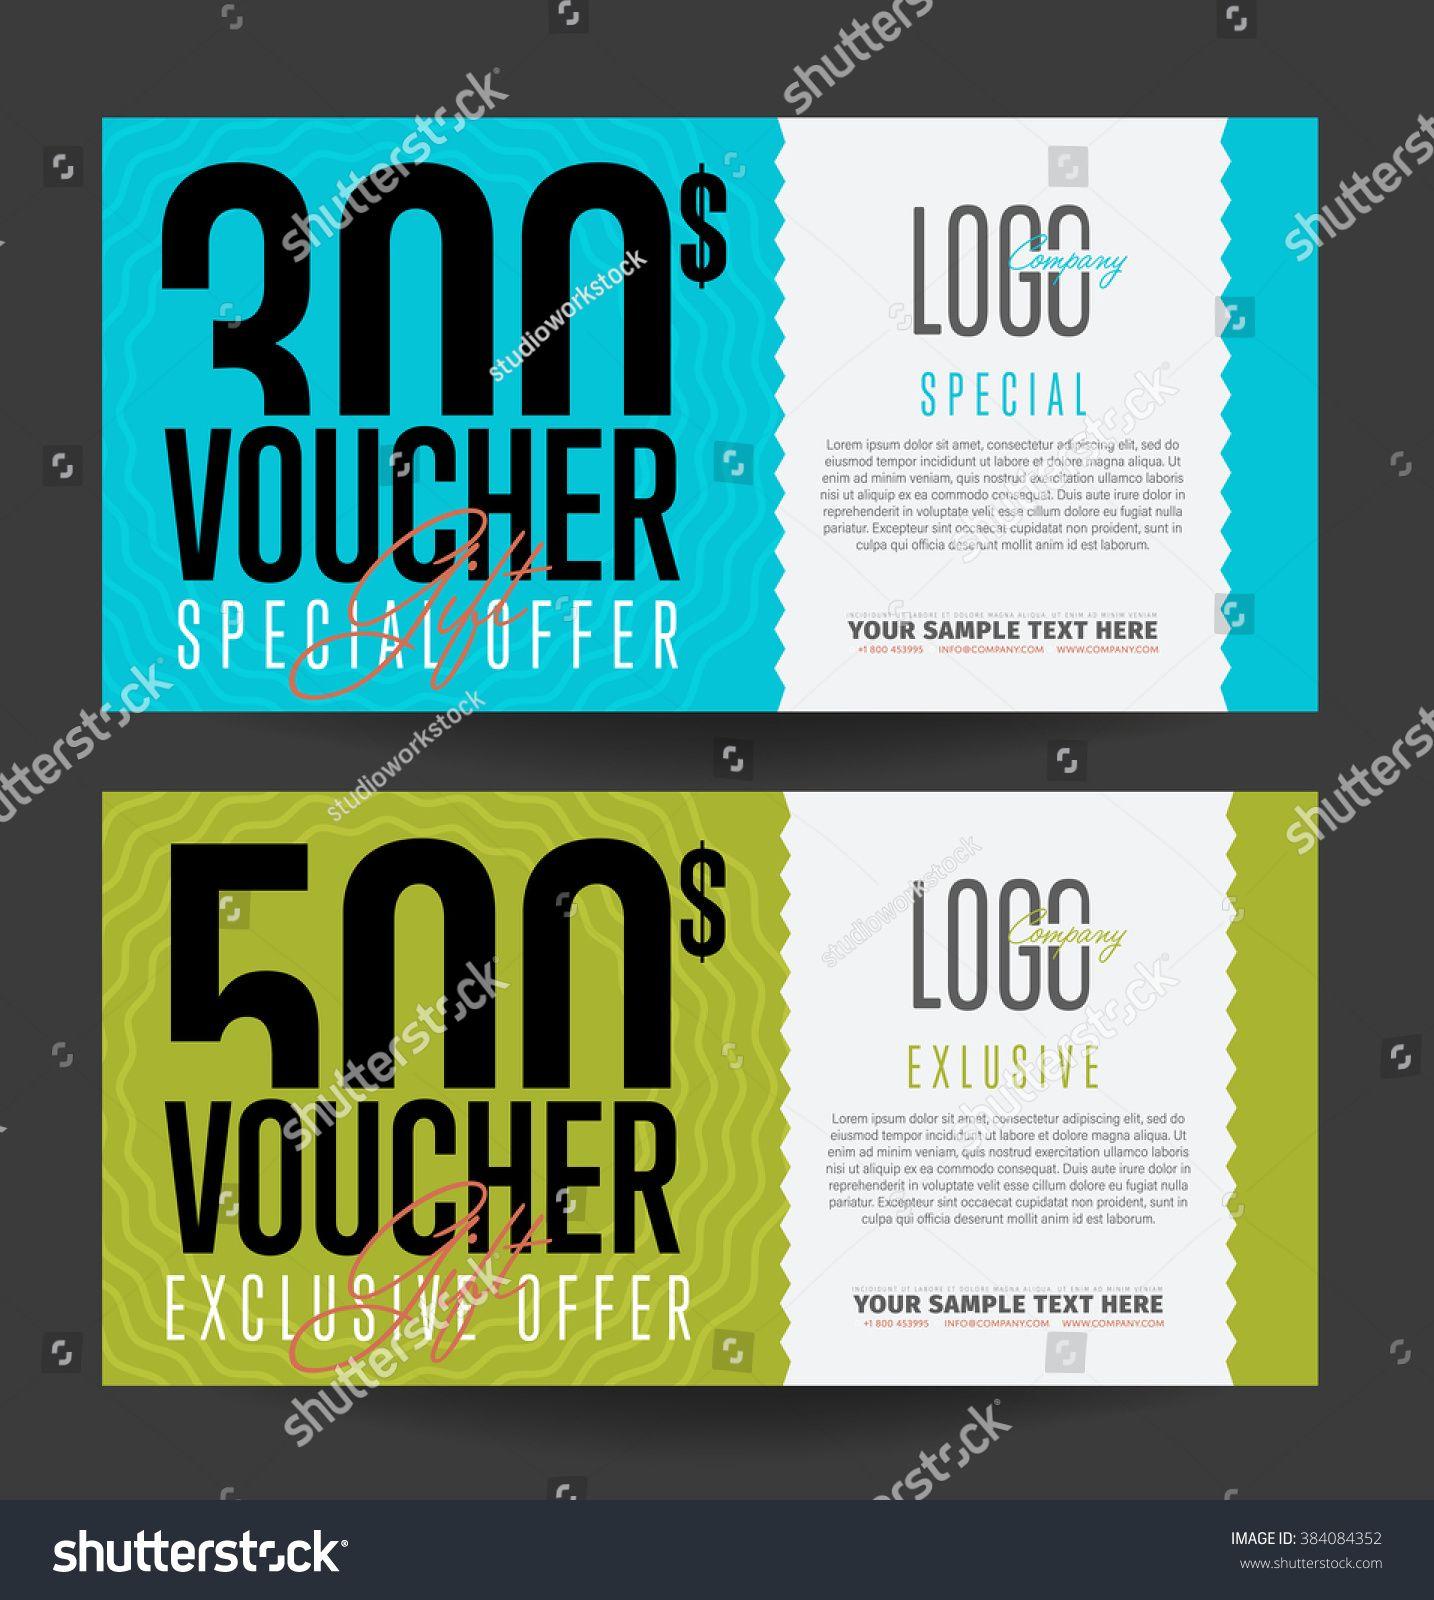 Gift Voucher Template With Market Special Offer Two Side Of Discount Voucher Or Gift Certificate Layout Geschenkgutscheine Gutscheine Geschenke